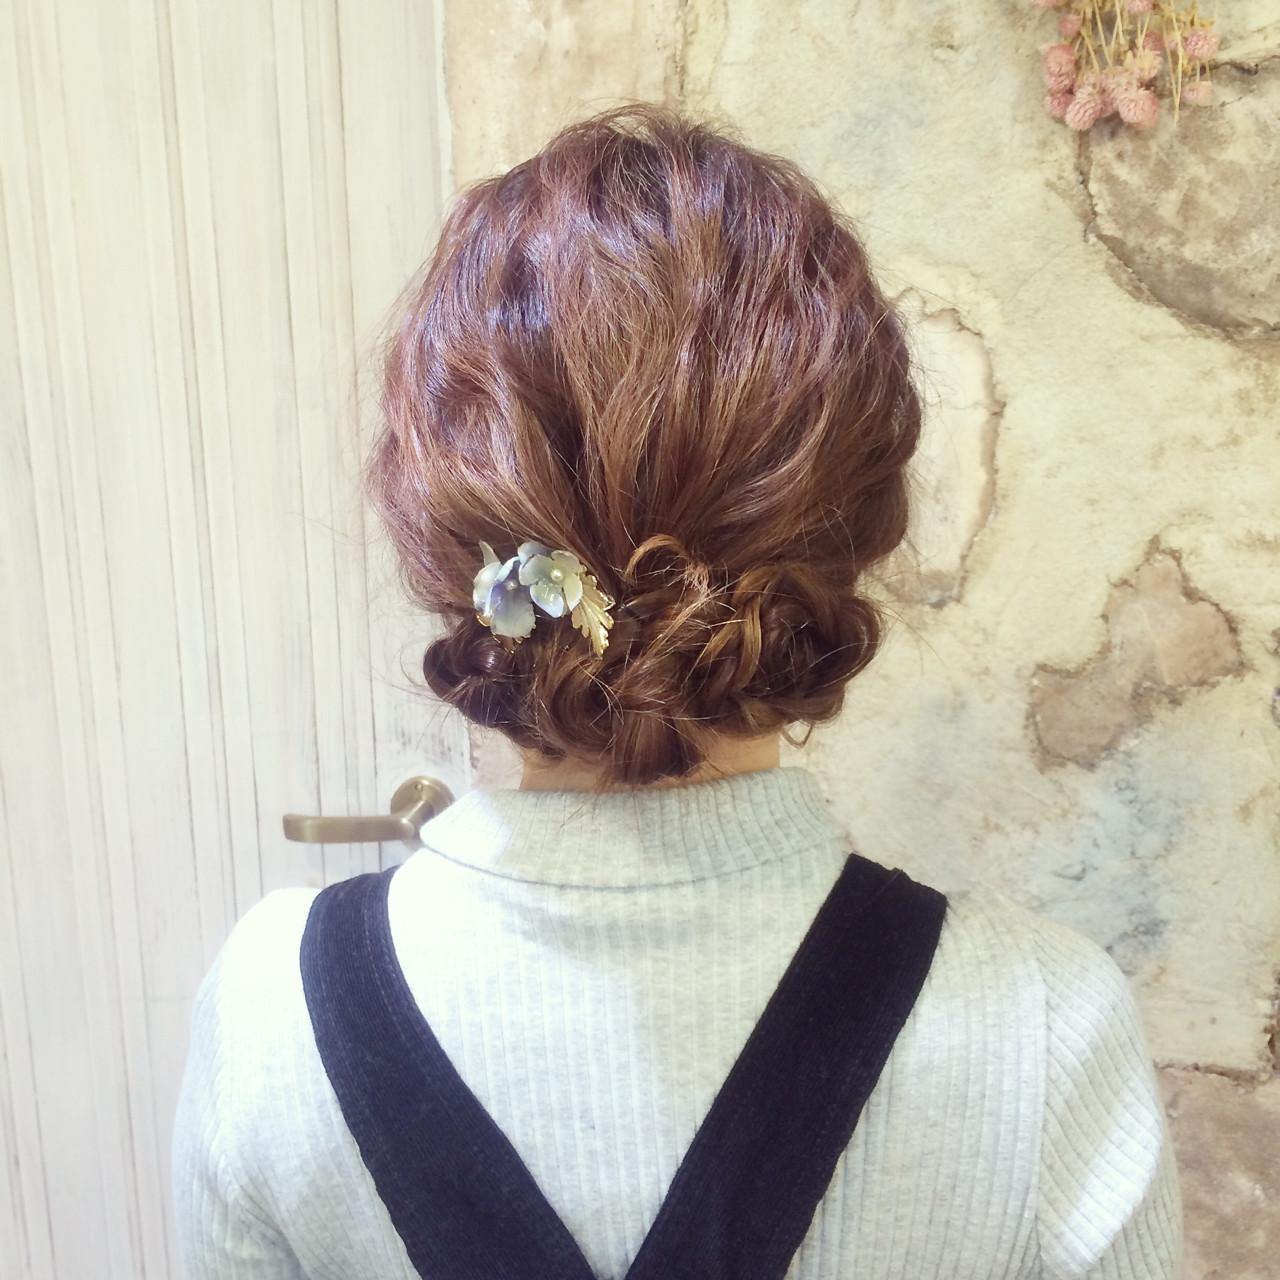 ロング セルフヘアアレンジ 波ウェーブ ヘアアレンジ ヘアスタイルや髪型の写真・画像 | Yoshimi / Luke3